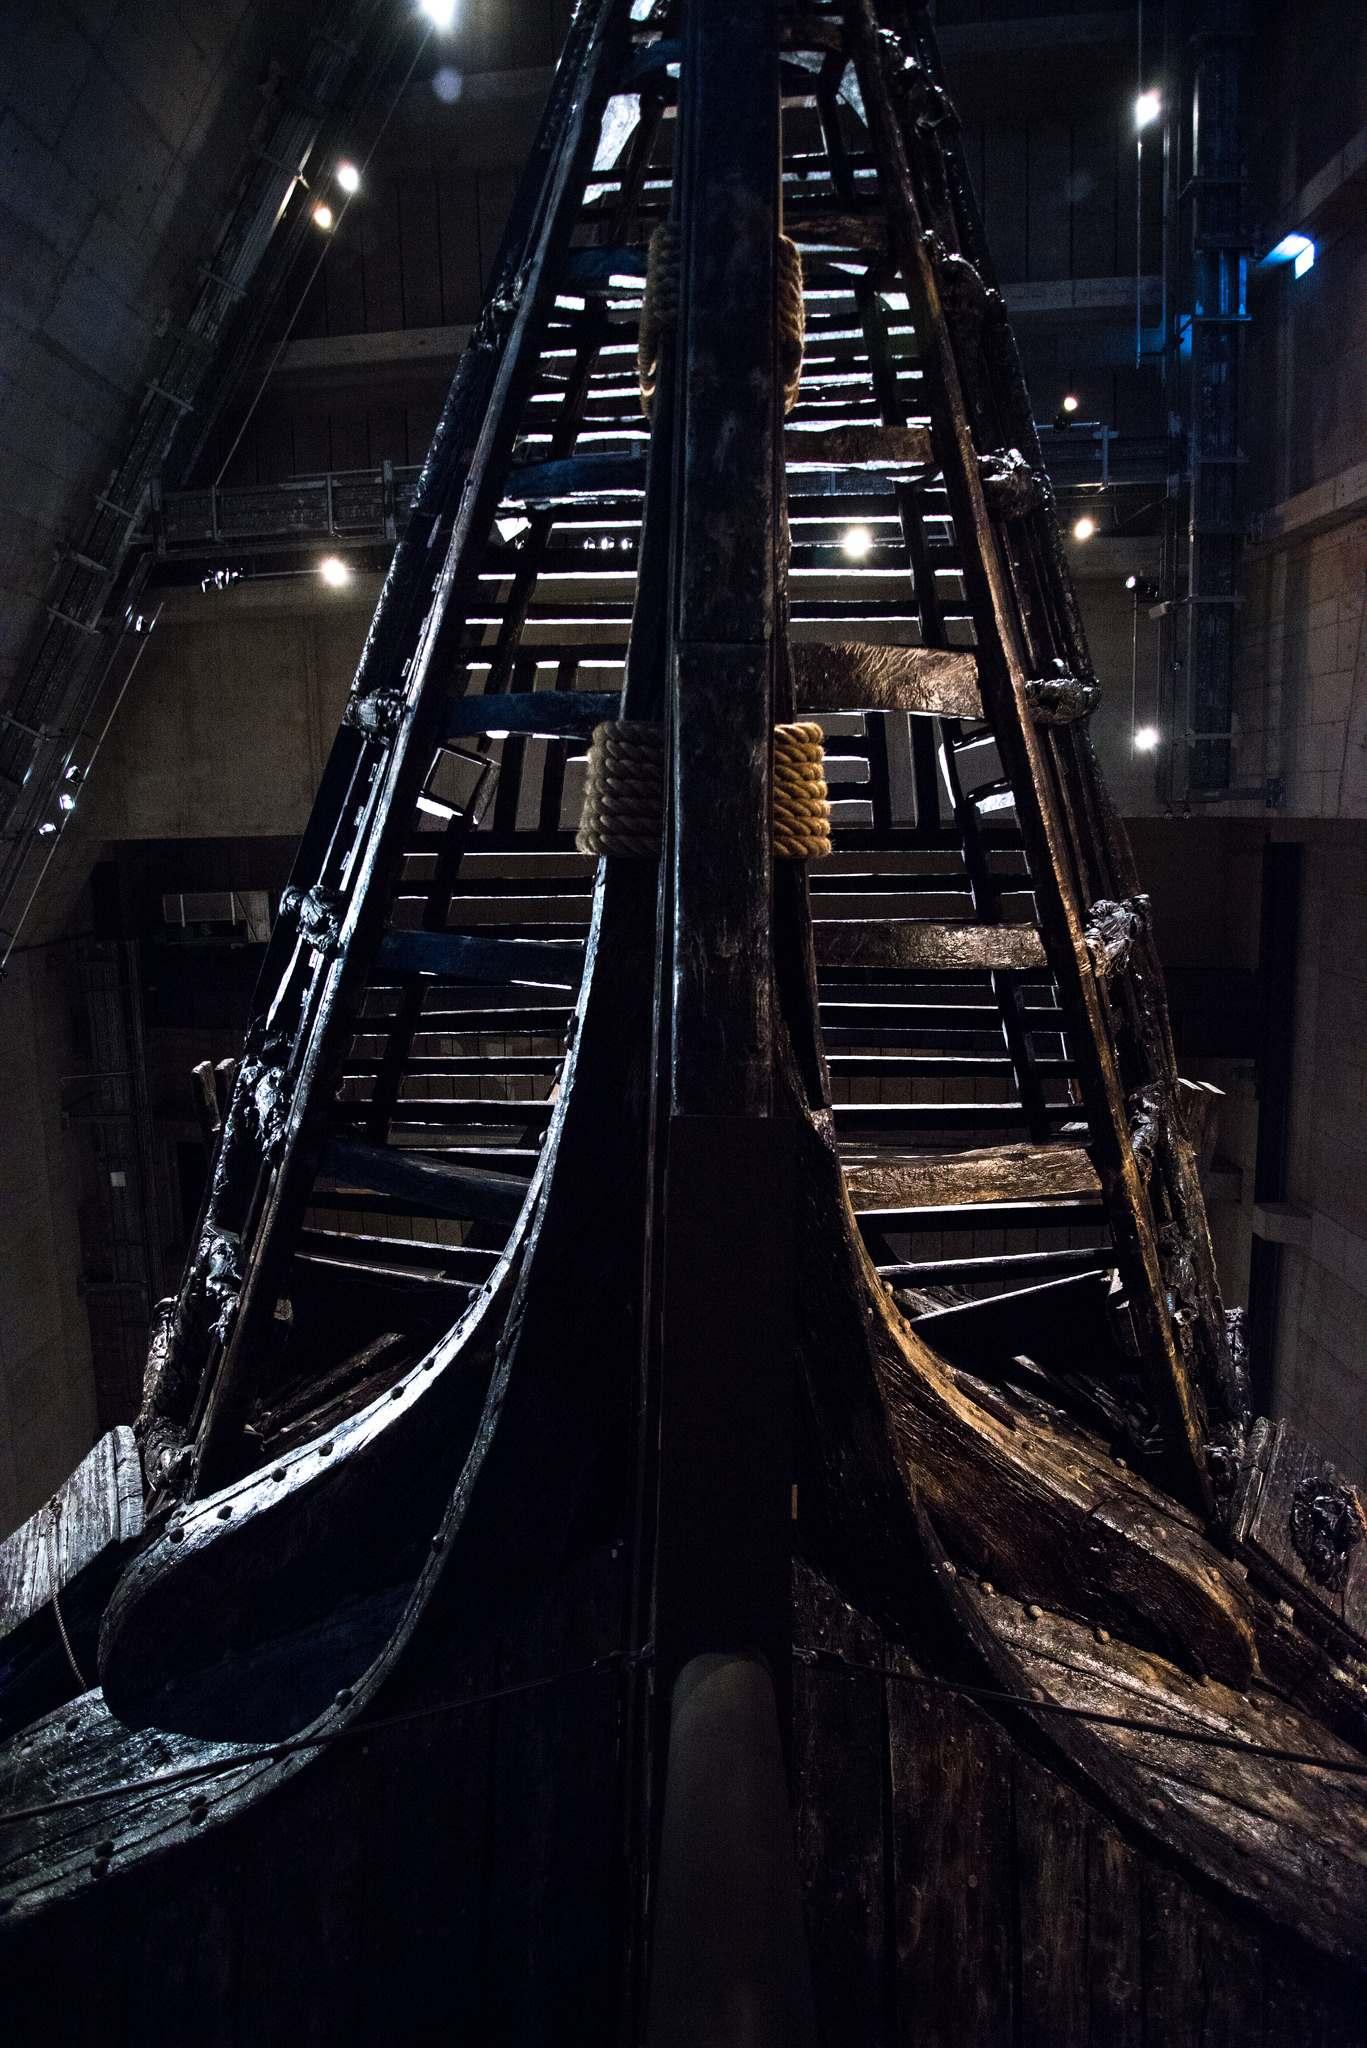 wasa9 Wasa   Swedish War Ship in Stockholm